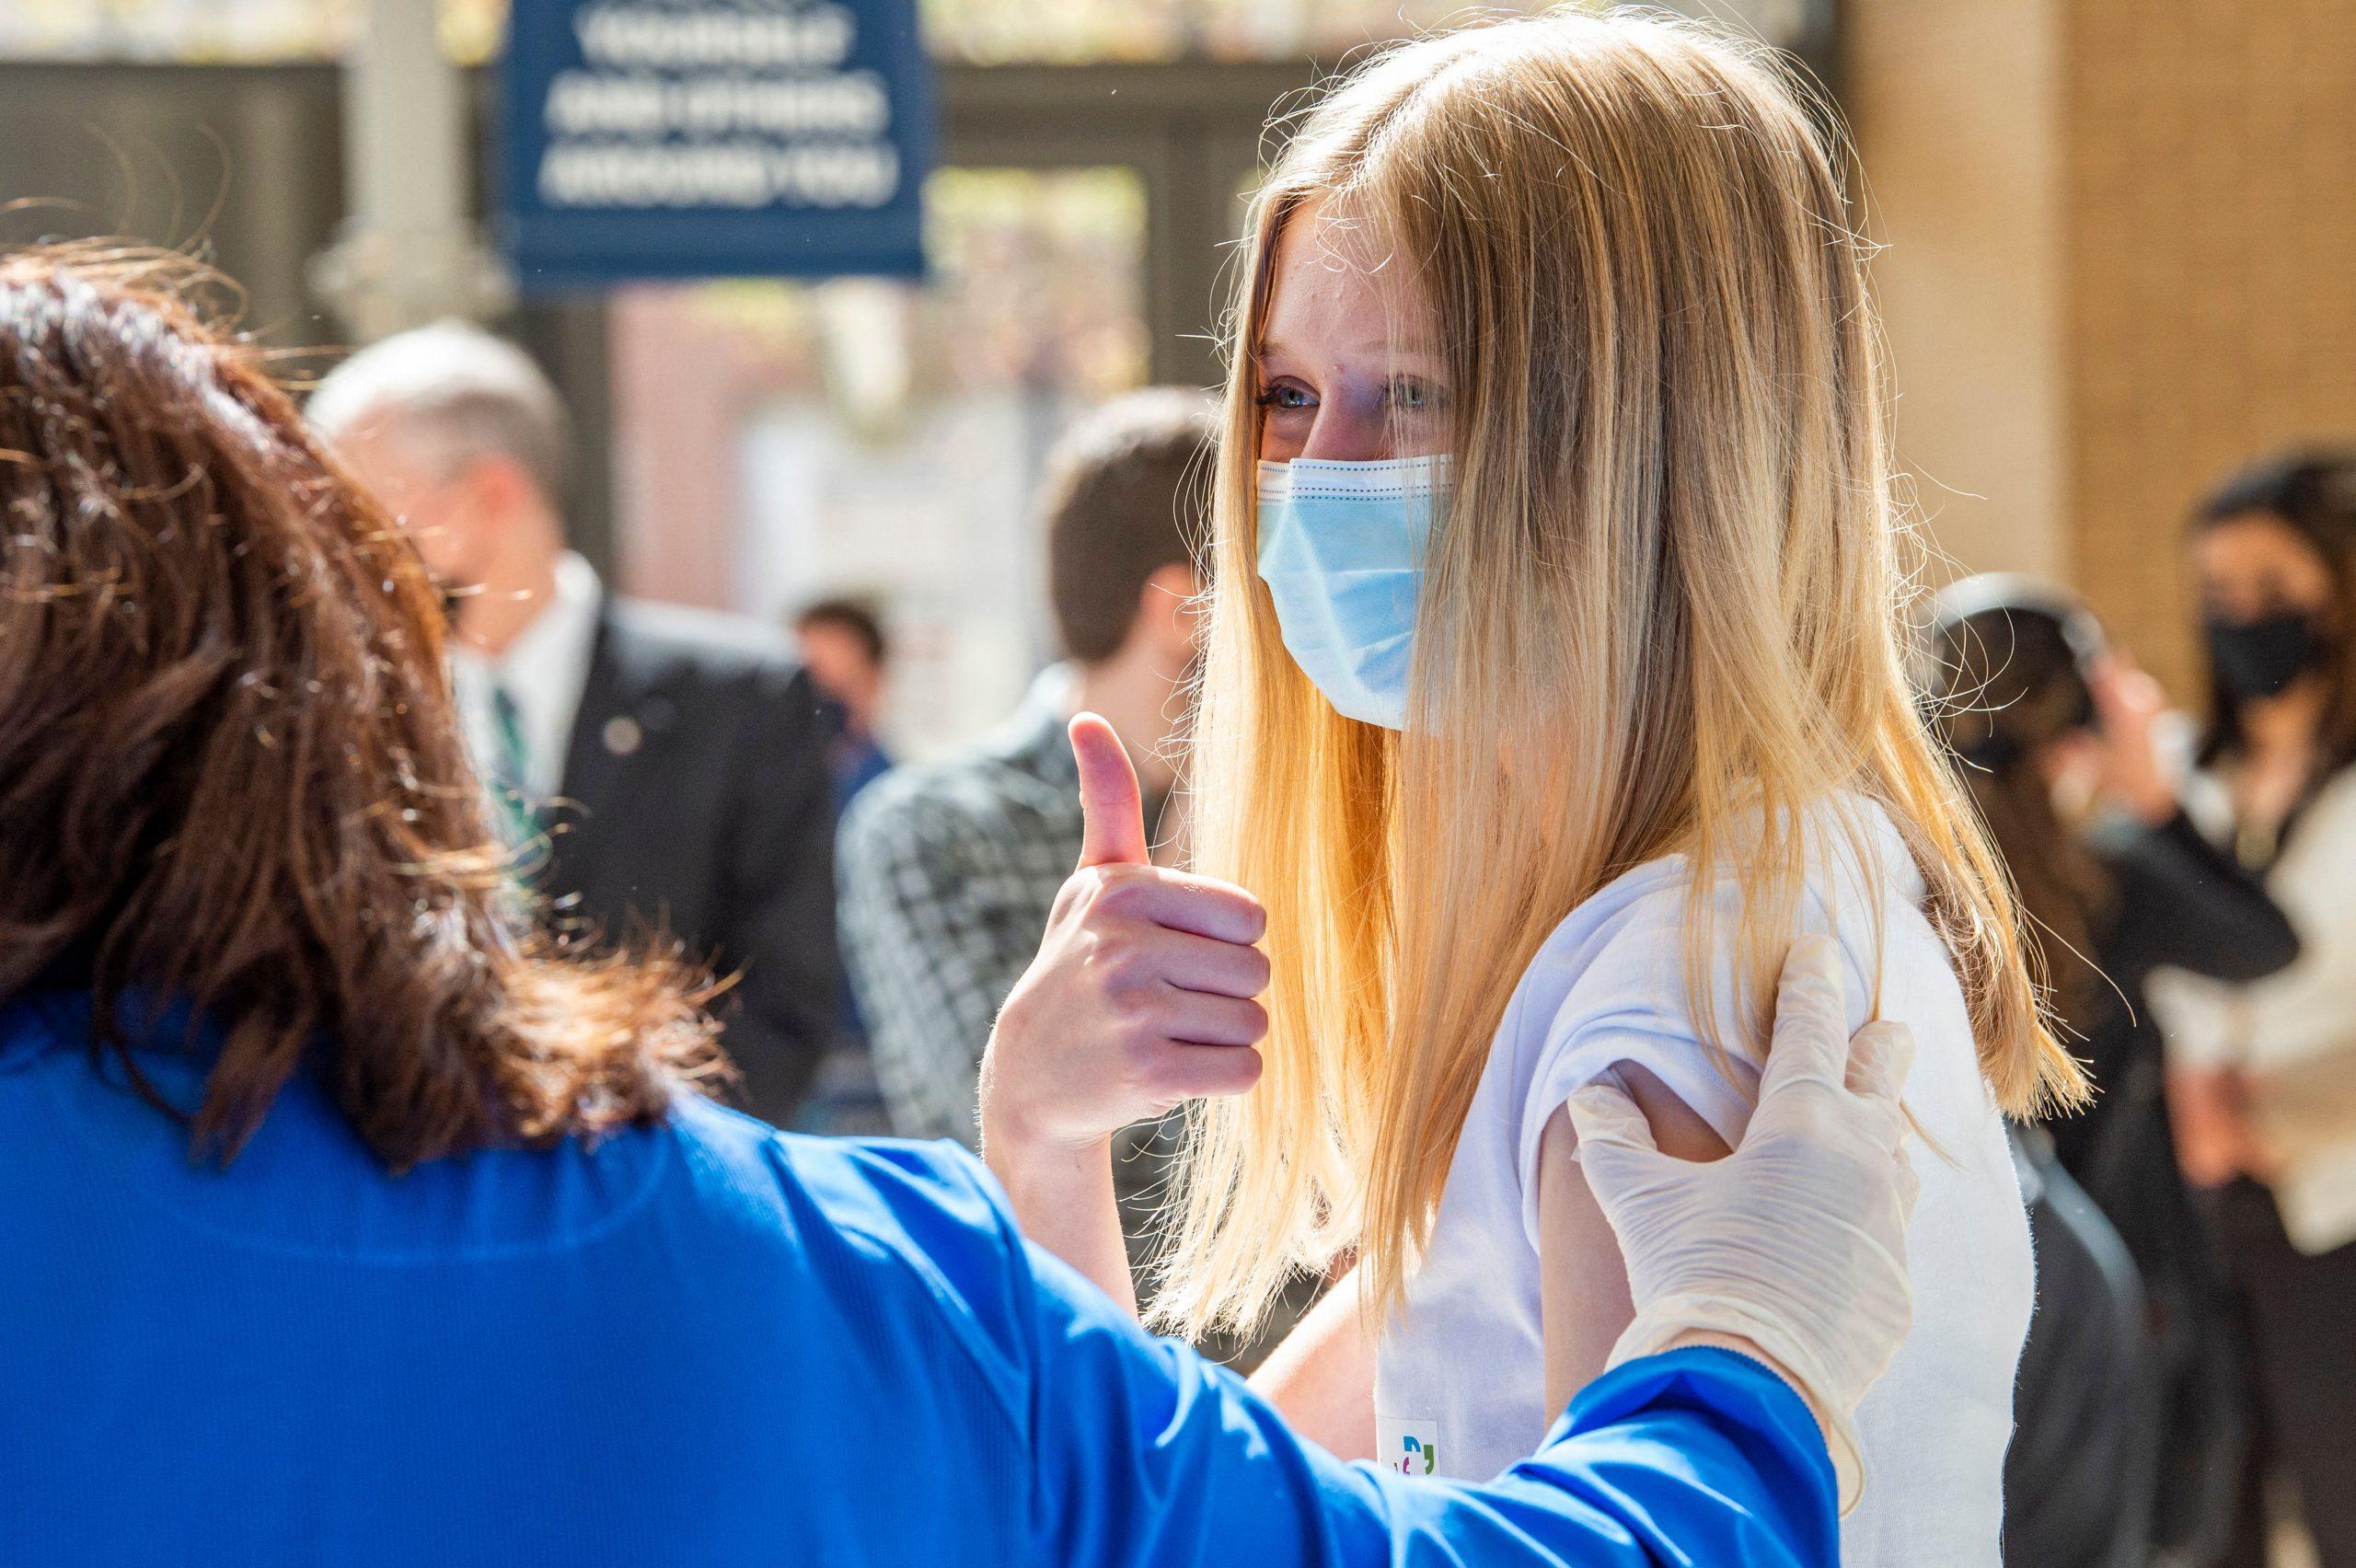 Une jeune fille blonde lève le pouce aux États-Unis alors qu'on répond aux questions concernant la date à laquelle les enfants recevront le vaccin contre le coronavirus au Royaume-Uni.